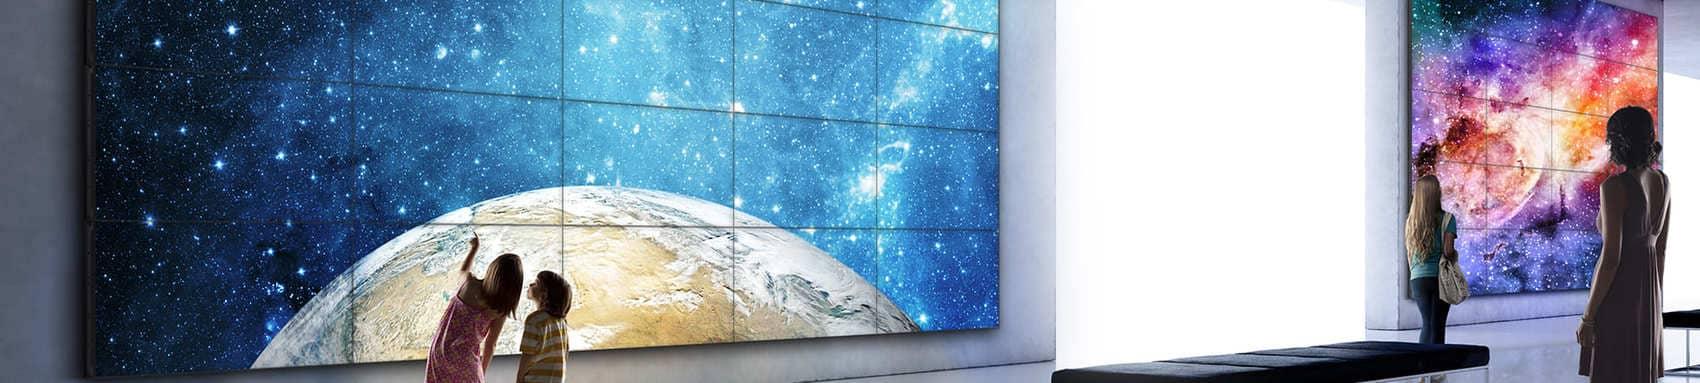 sala-de-telepresencia-aitech